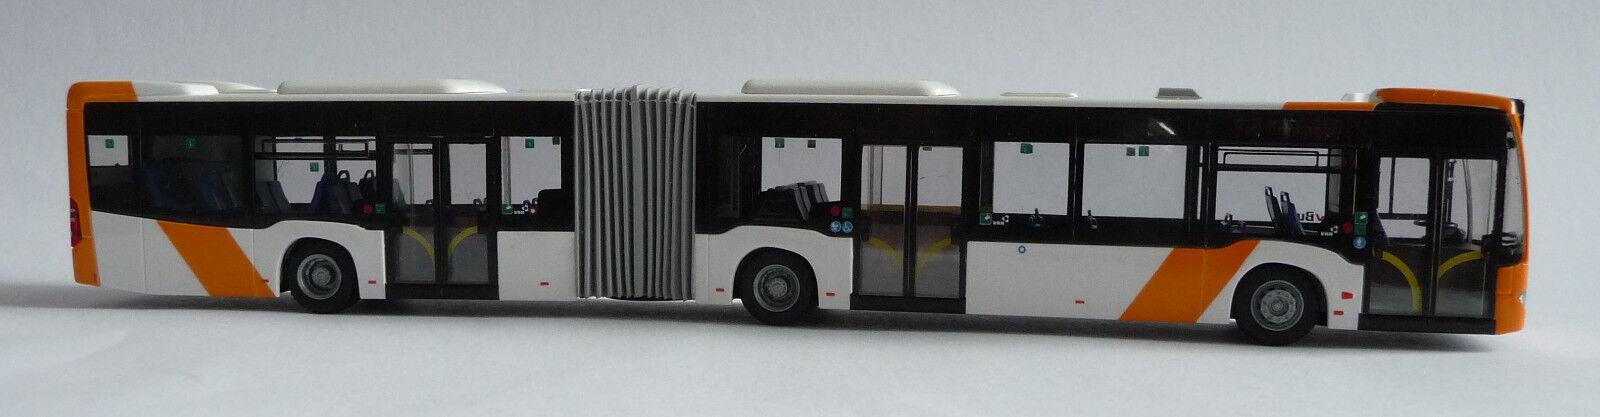 Rietze  MB G Citaro 2  rnv   v-bus  Ziel  E SAP Arena  | Zu einem niedrigeren Preis